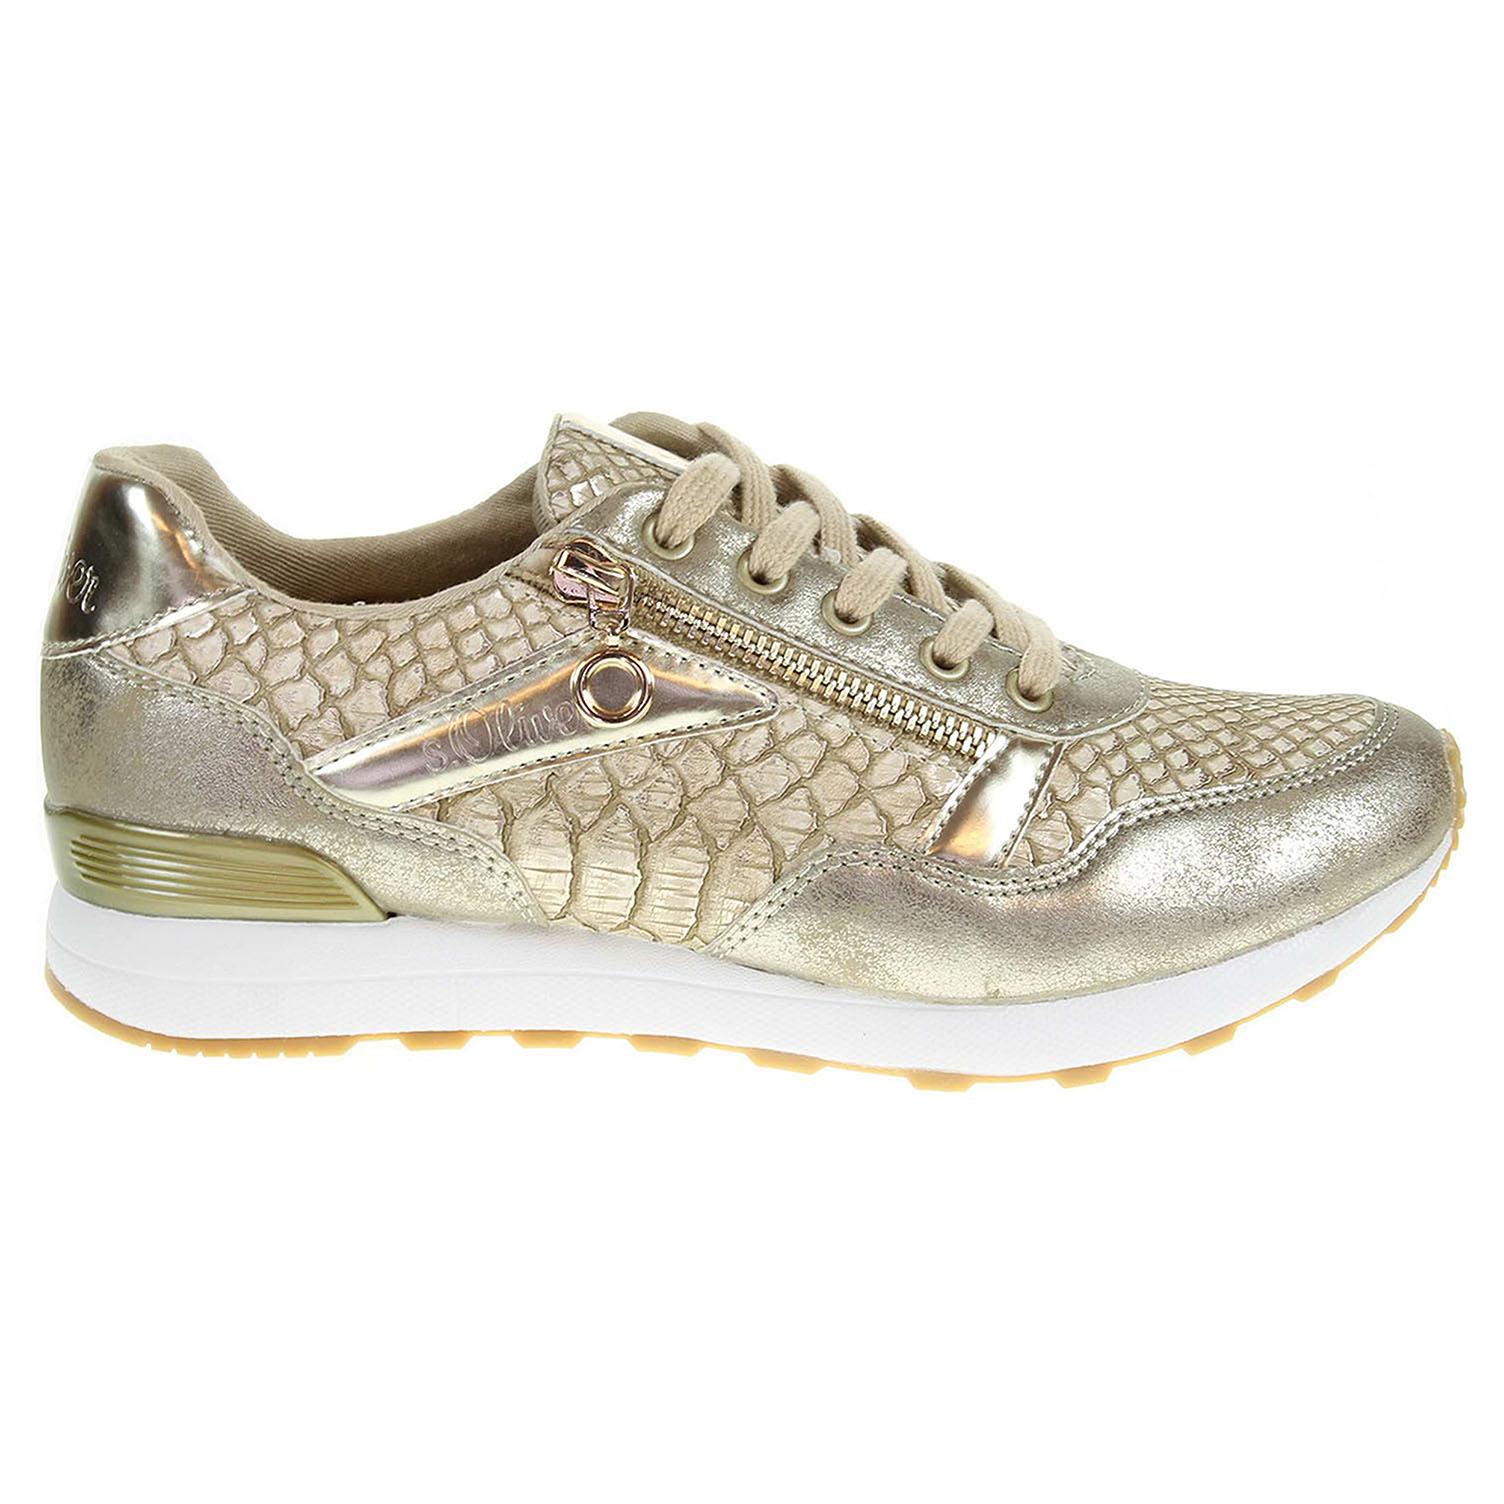 s.Oliver dámská obuv 5-23655-38 zlatá 37 zlatá zlatá